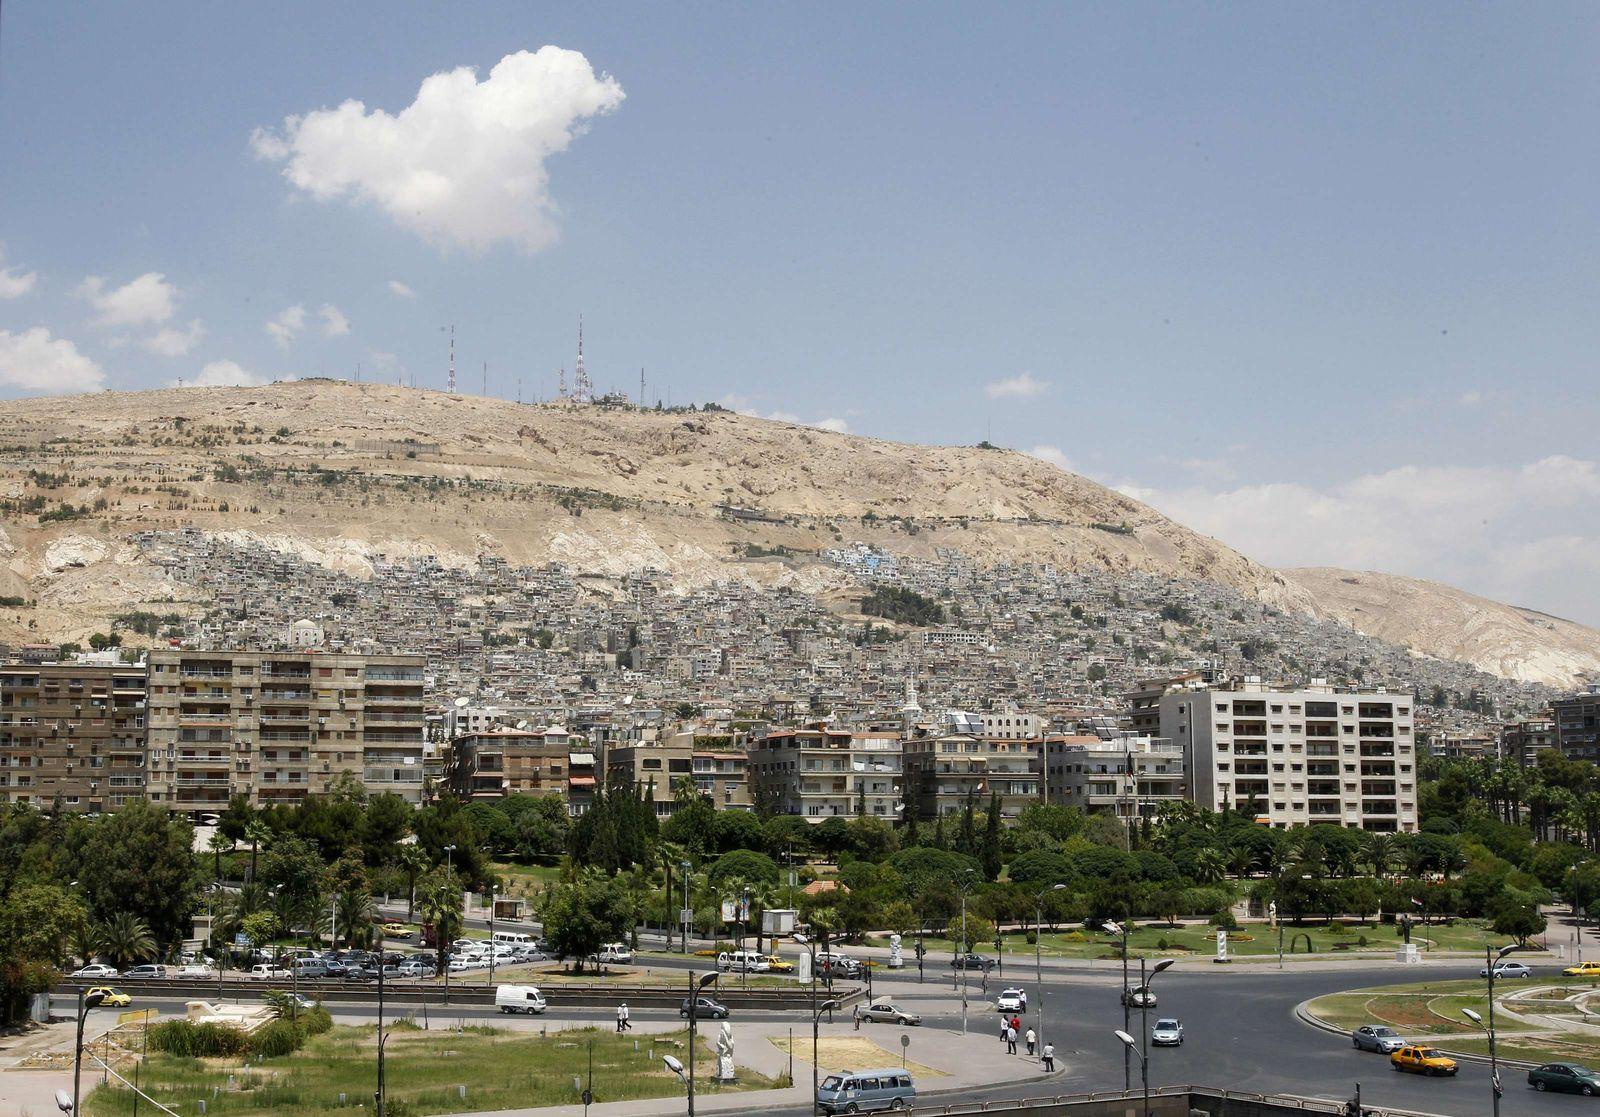 Kassiun Berg / Qassioun